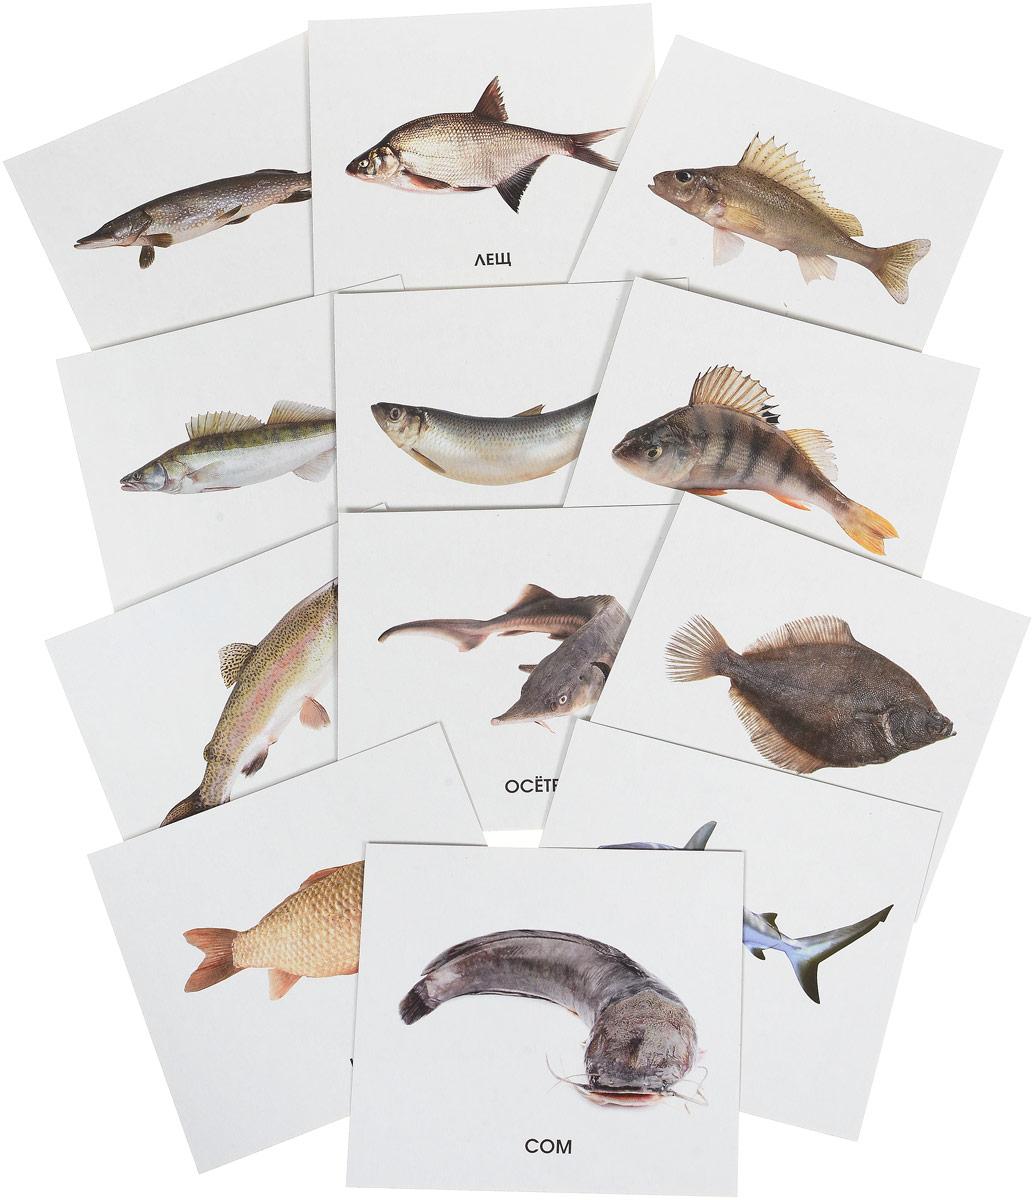 Улыбка Обучающие карточки Рыбы России webmoney карточки в туле